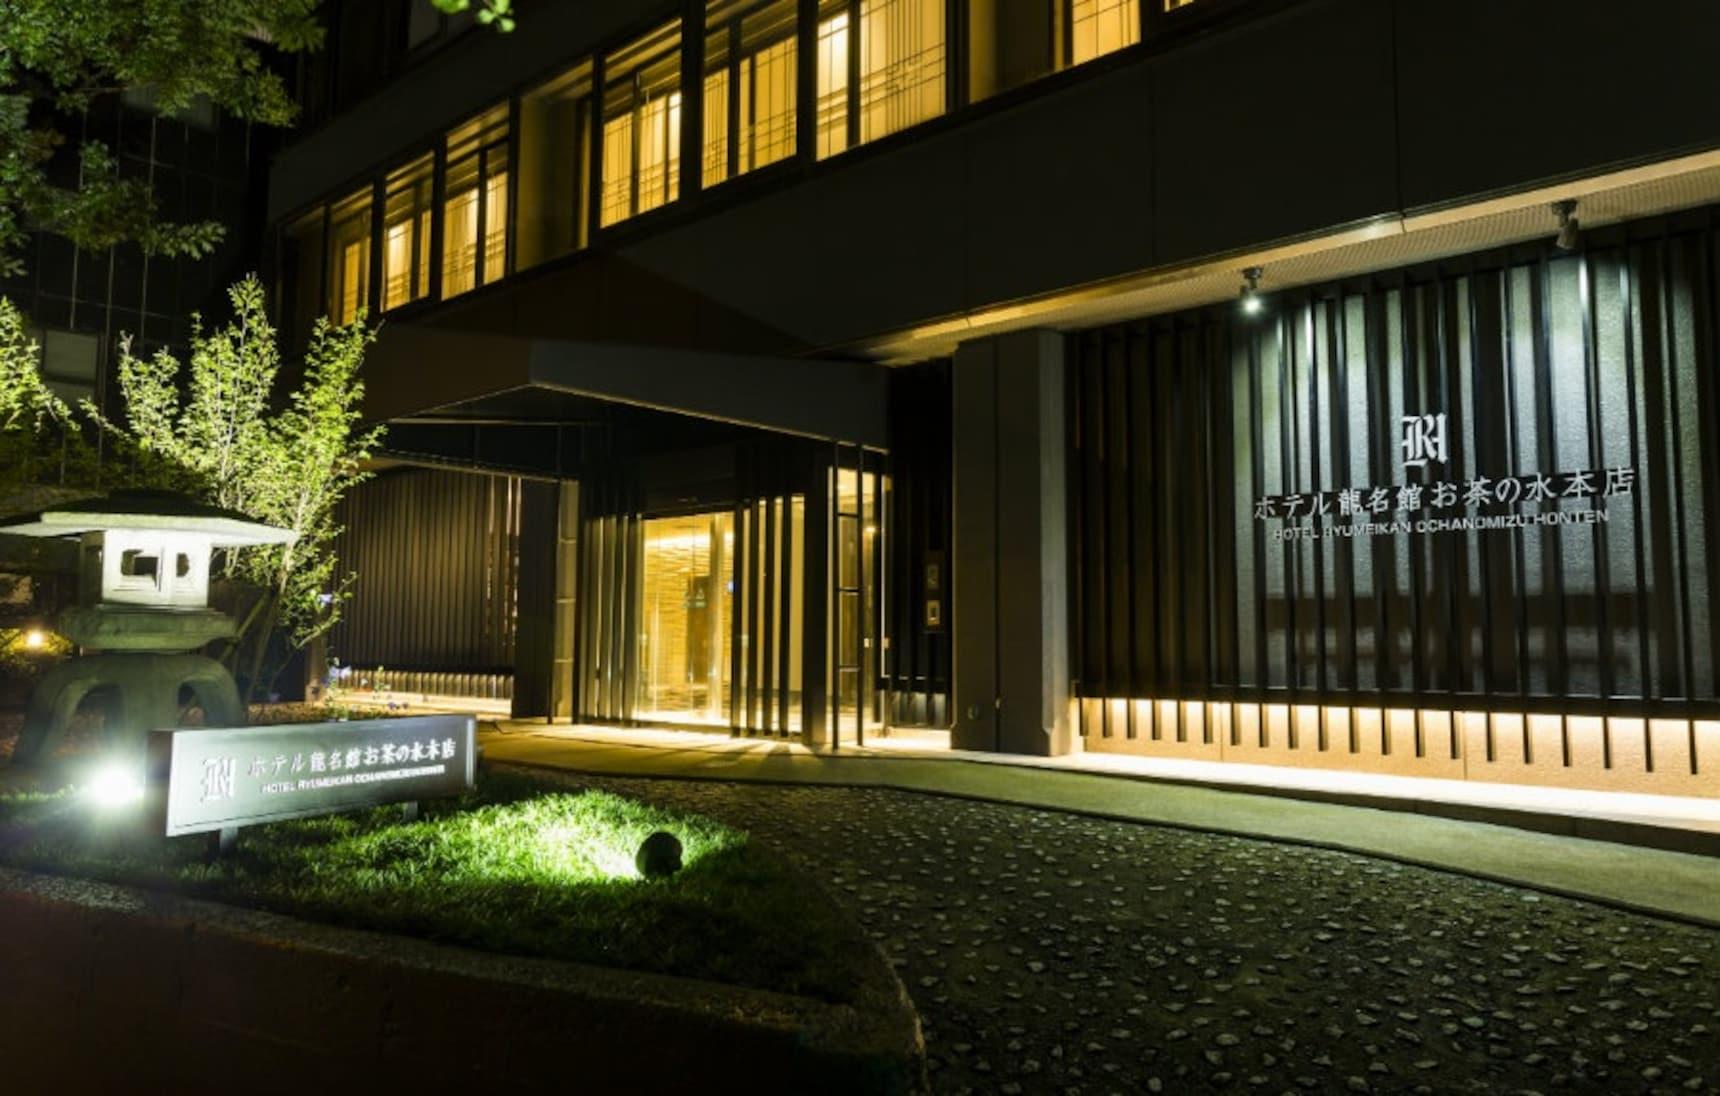 【東京住宿】繁華中的幽靜!東京都心傳統日式旅館4選